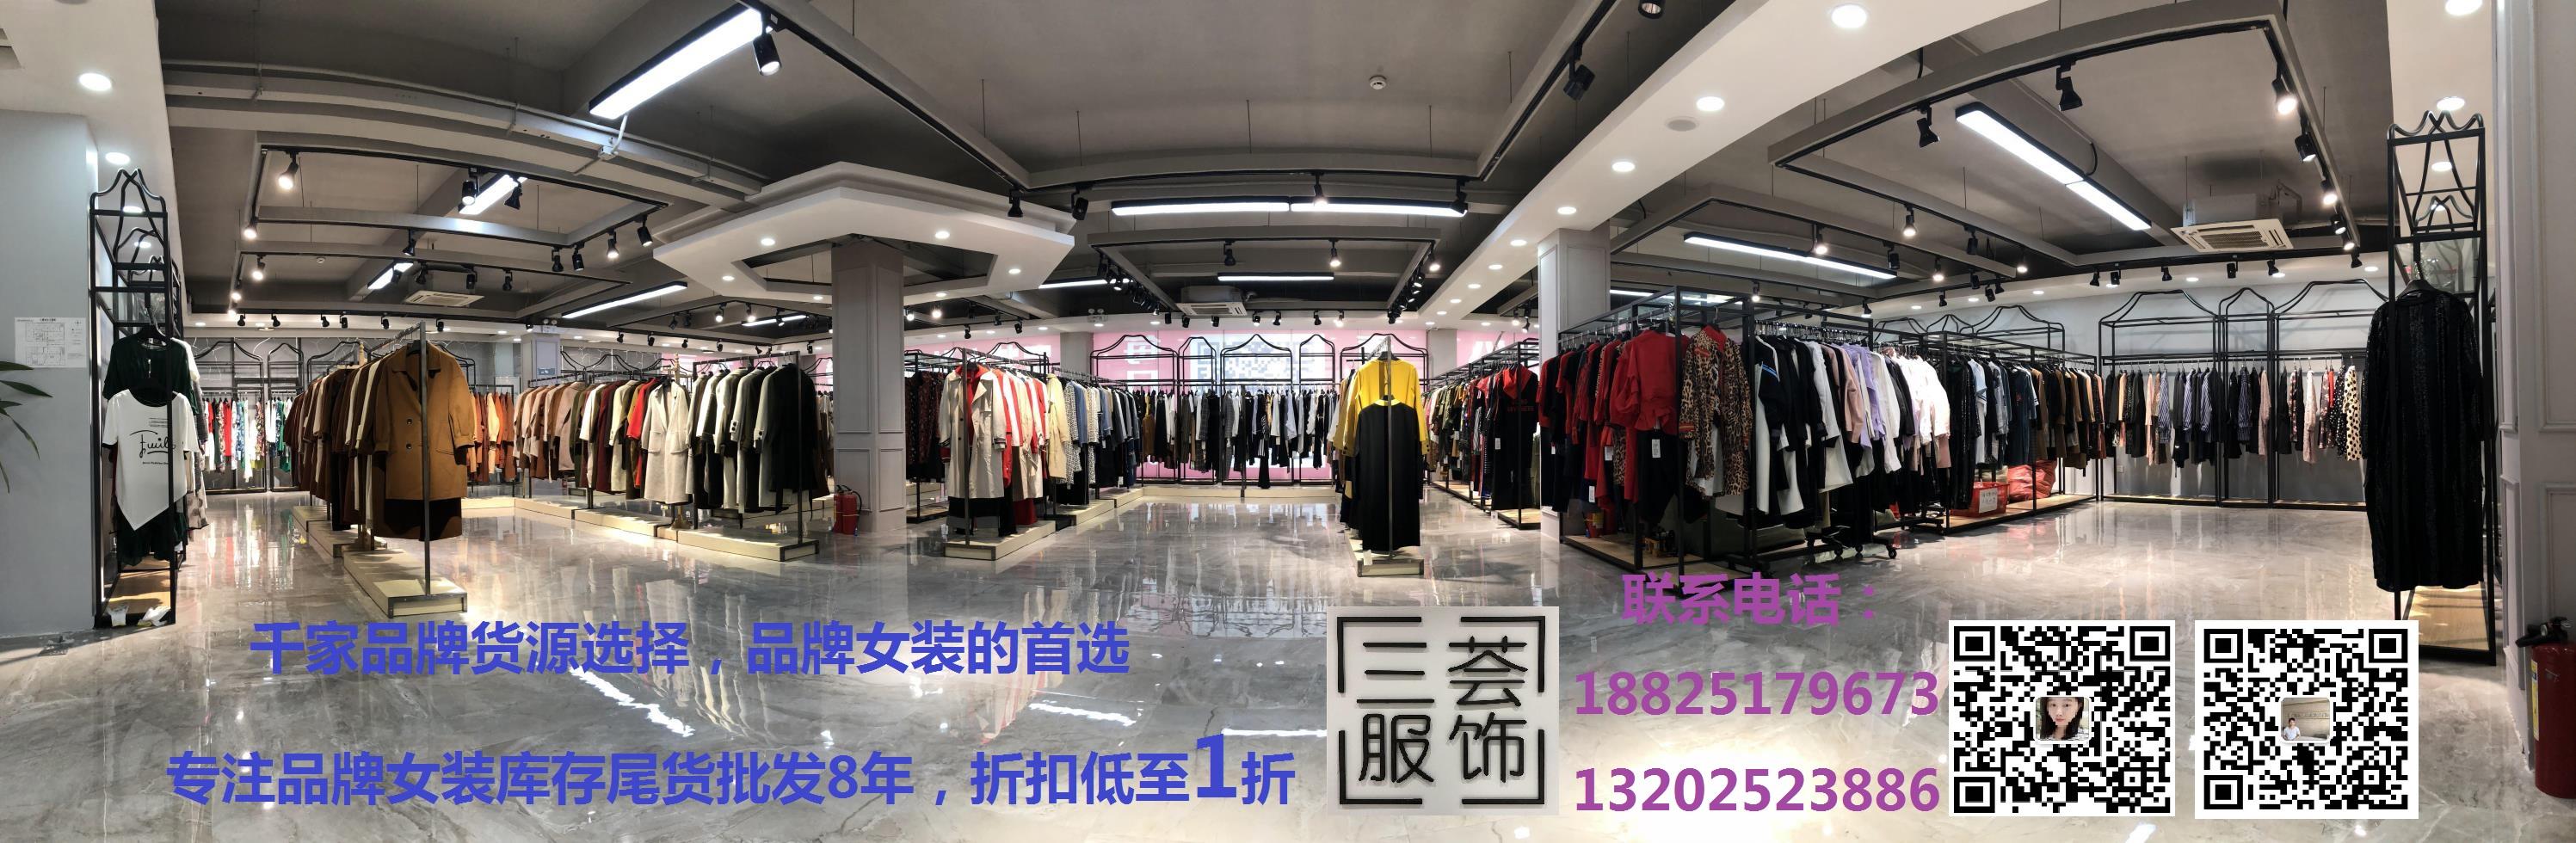 广州市三荟服饰有限公司